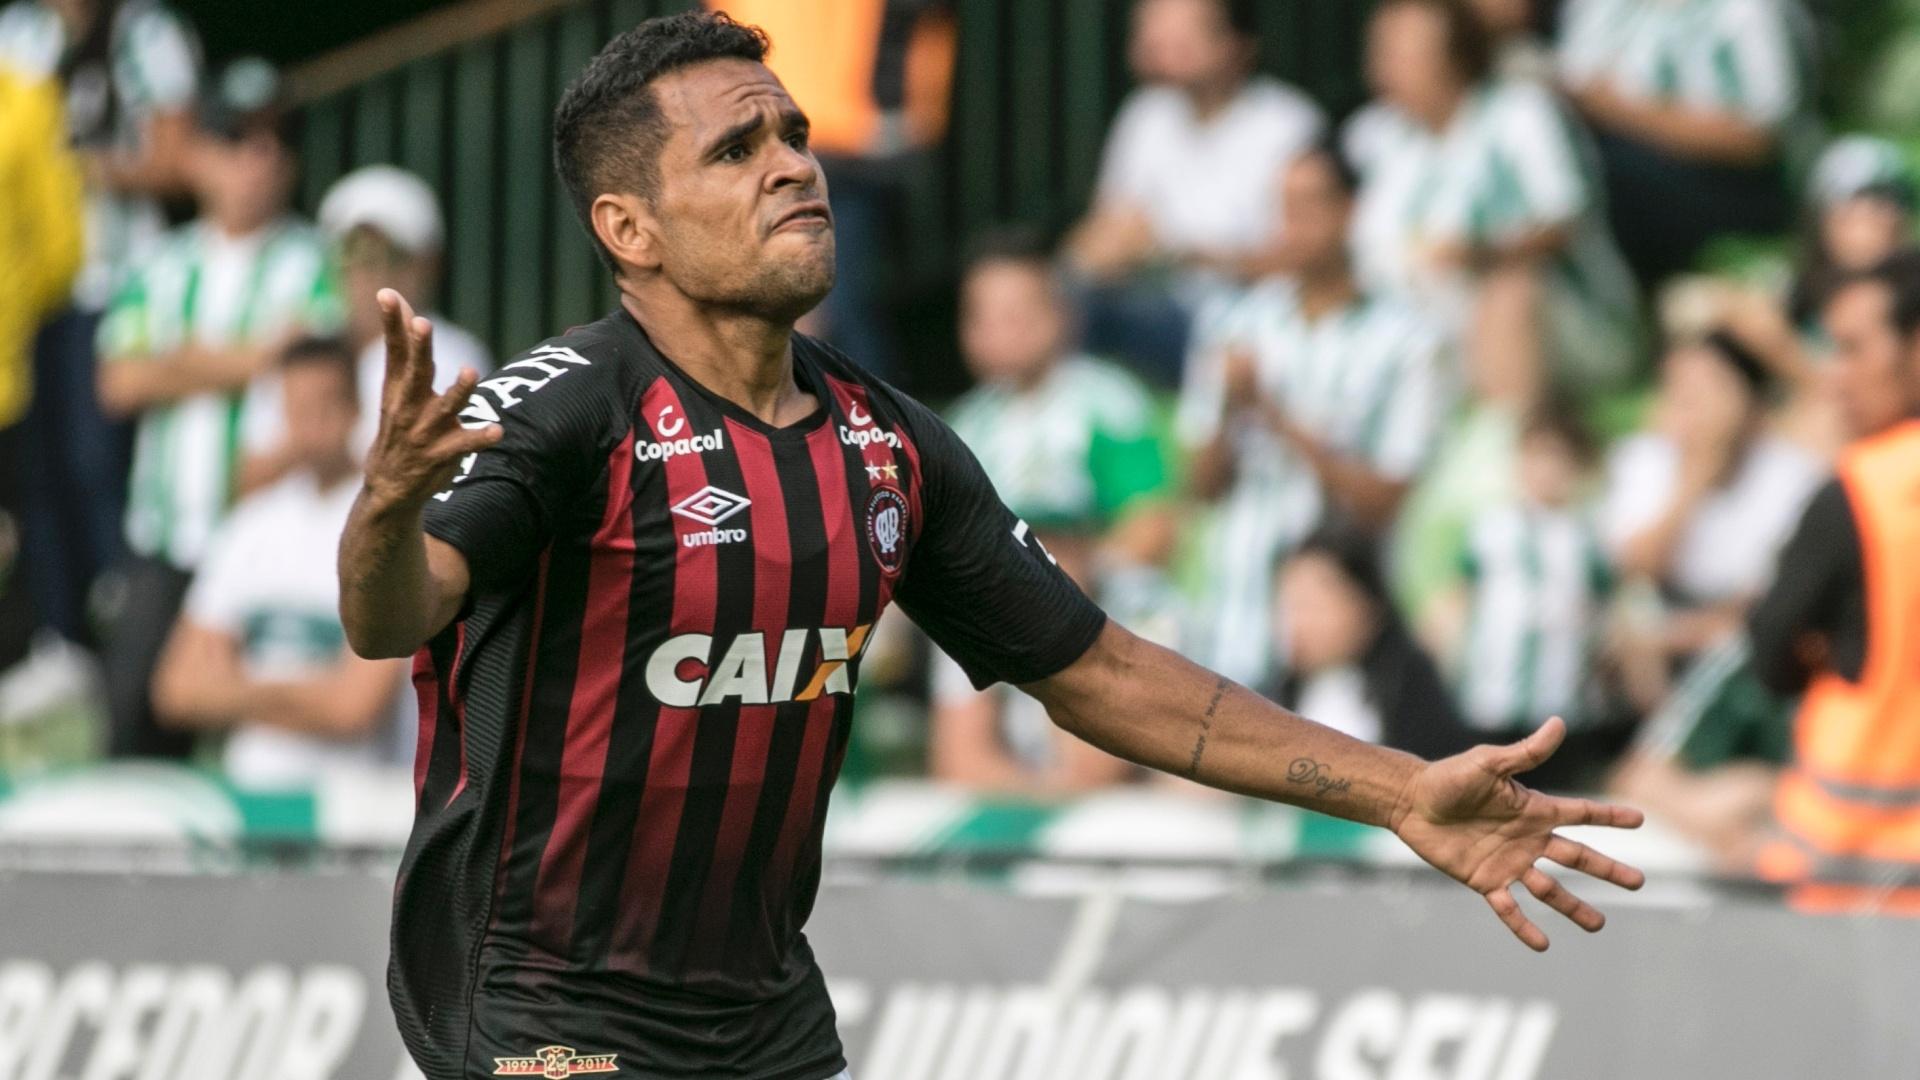 Ederson, jogador do Atletico-PR, comemora seu gol durante partida contra o Coritiba no estadio Couto Pereira pelo campeonato Paranaense 2018